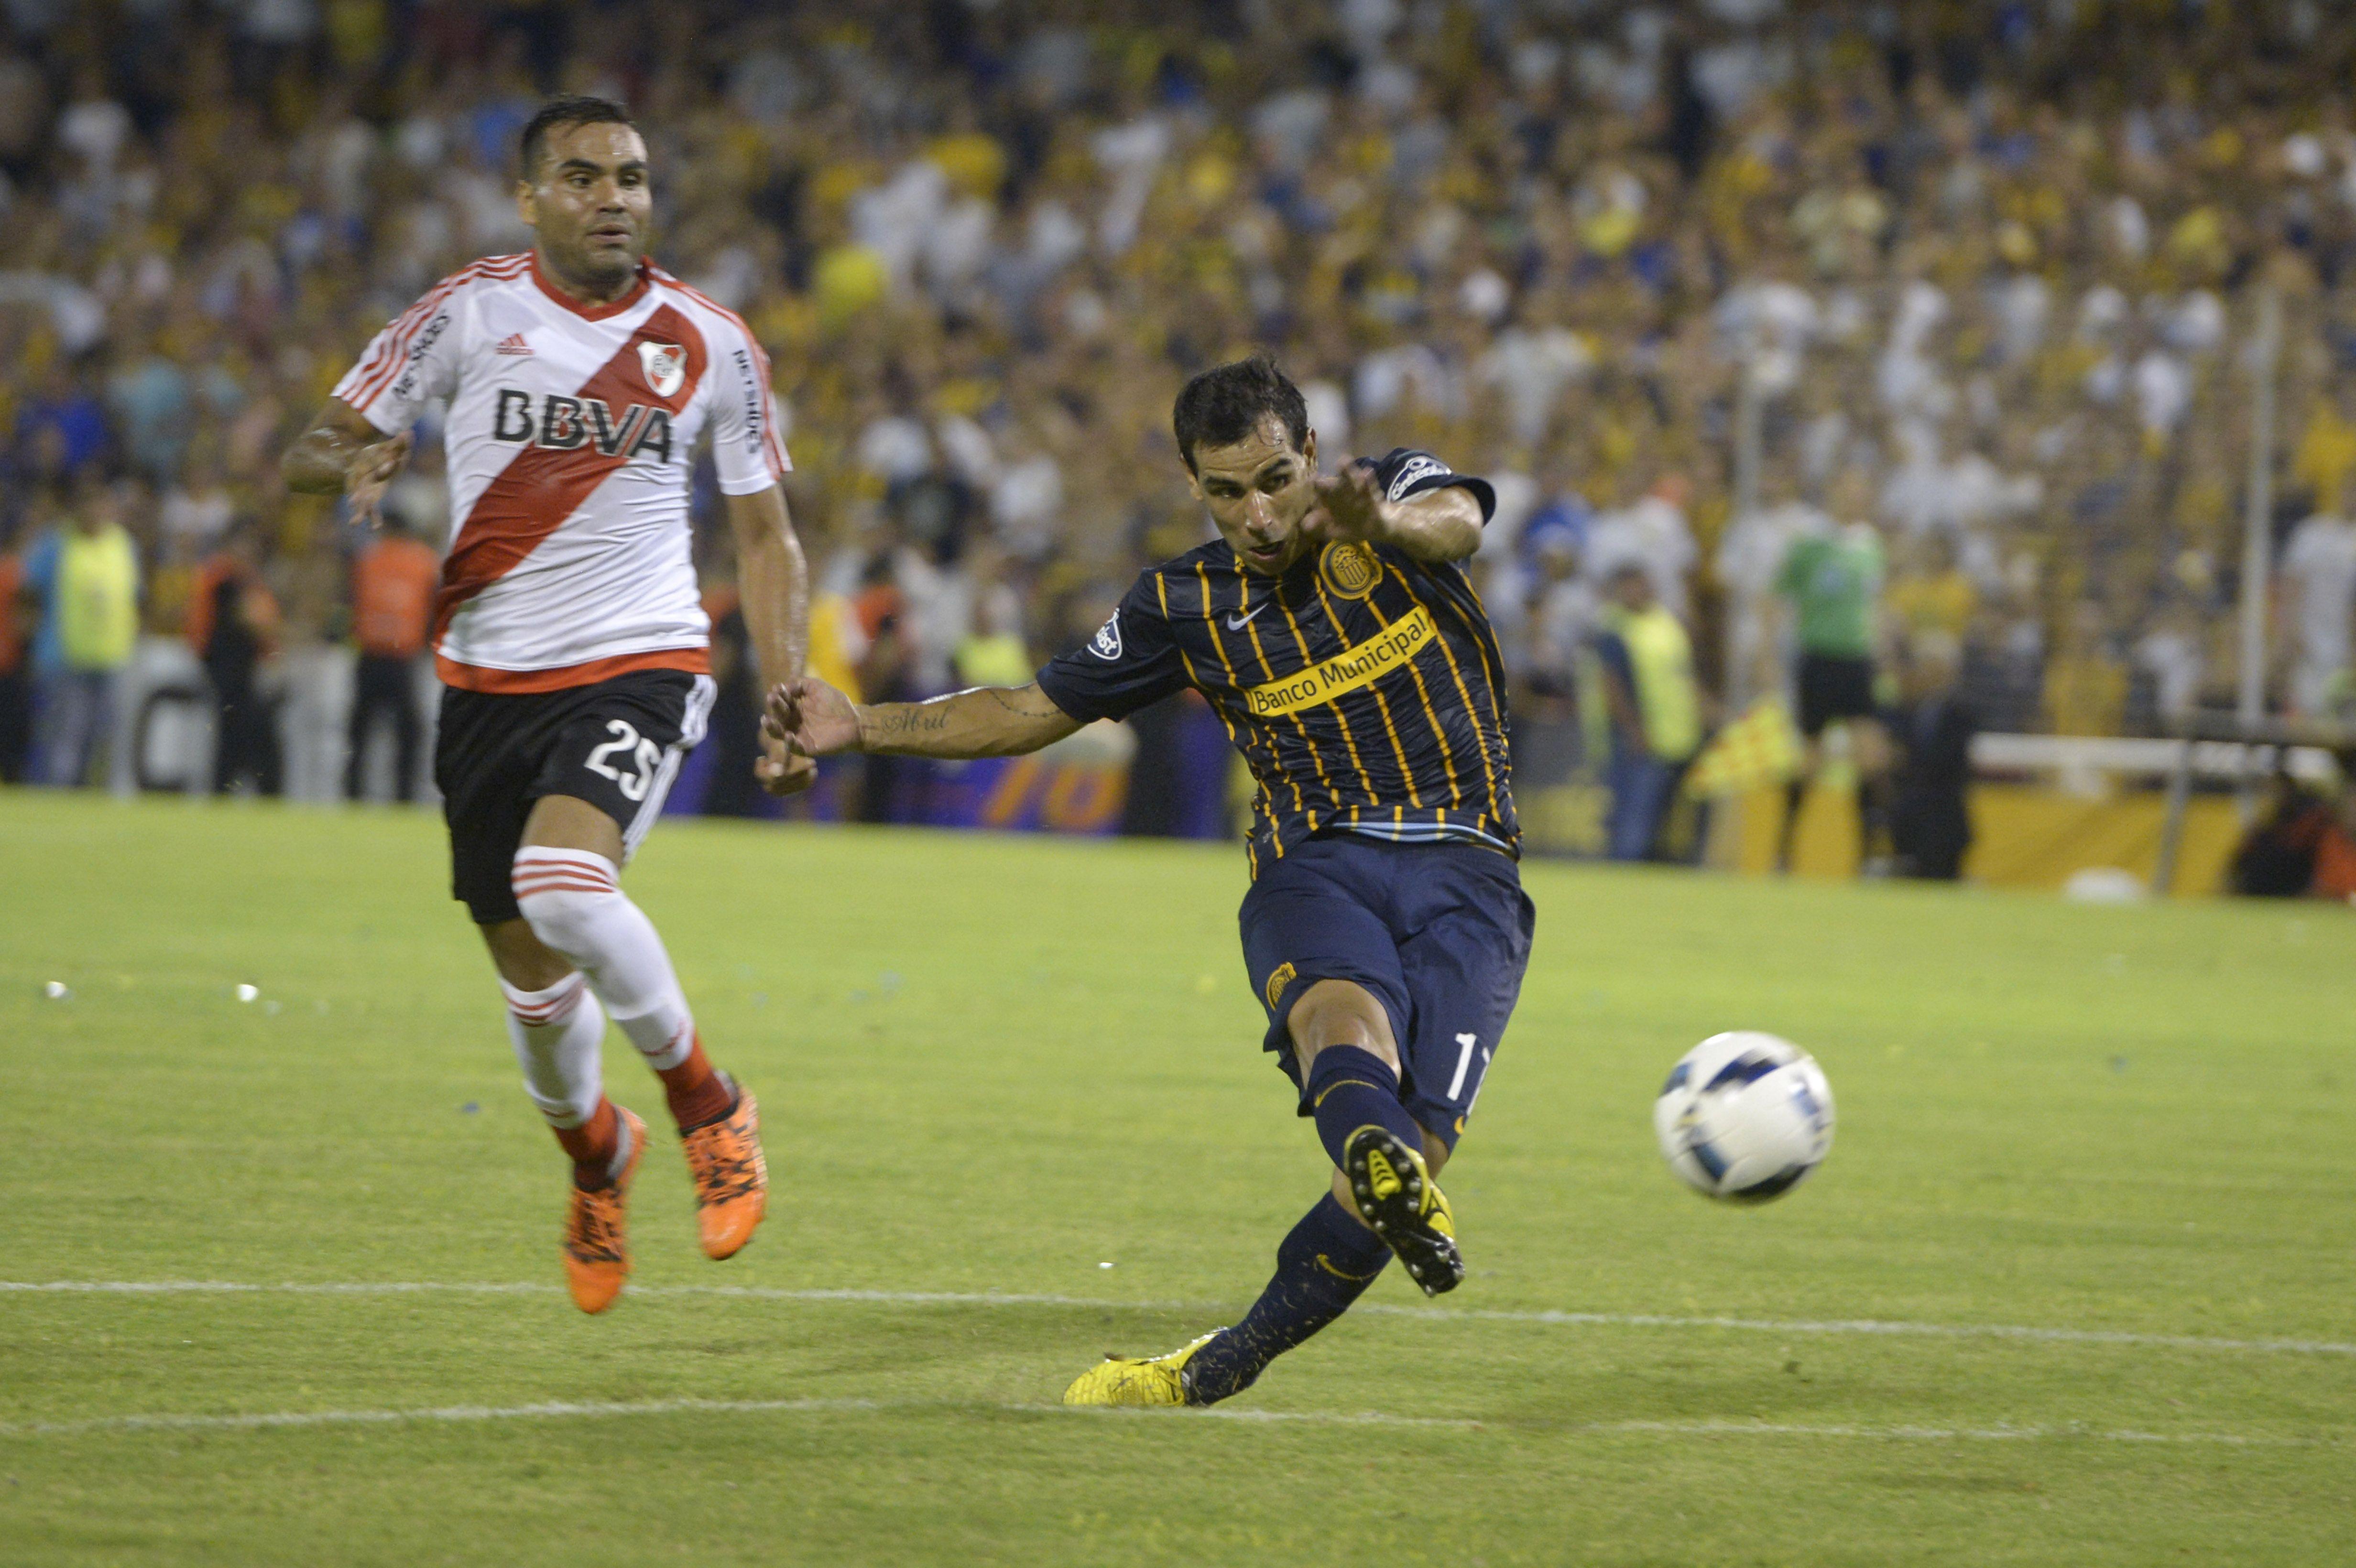 El Chaqueño Herrera hizo un gol ante River y fue figura ante Palmeiras. (Foto: A. Celoria)